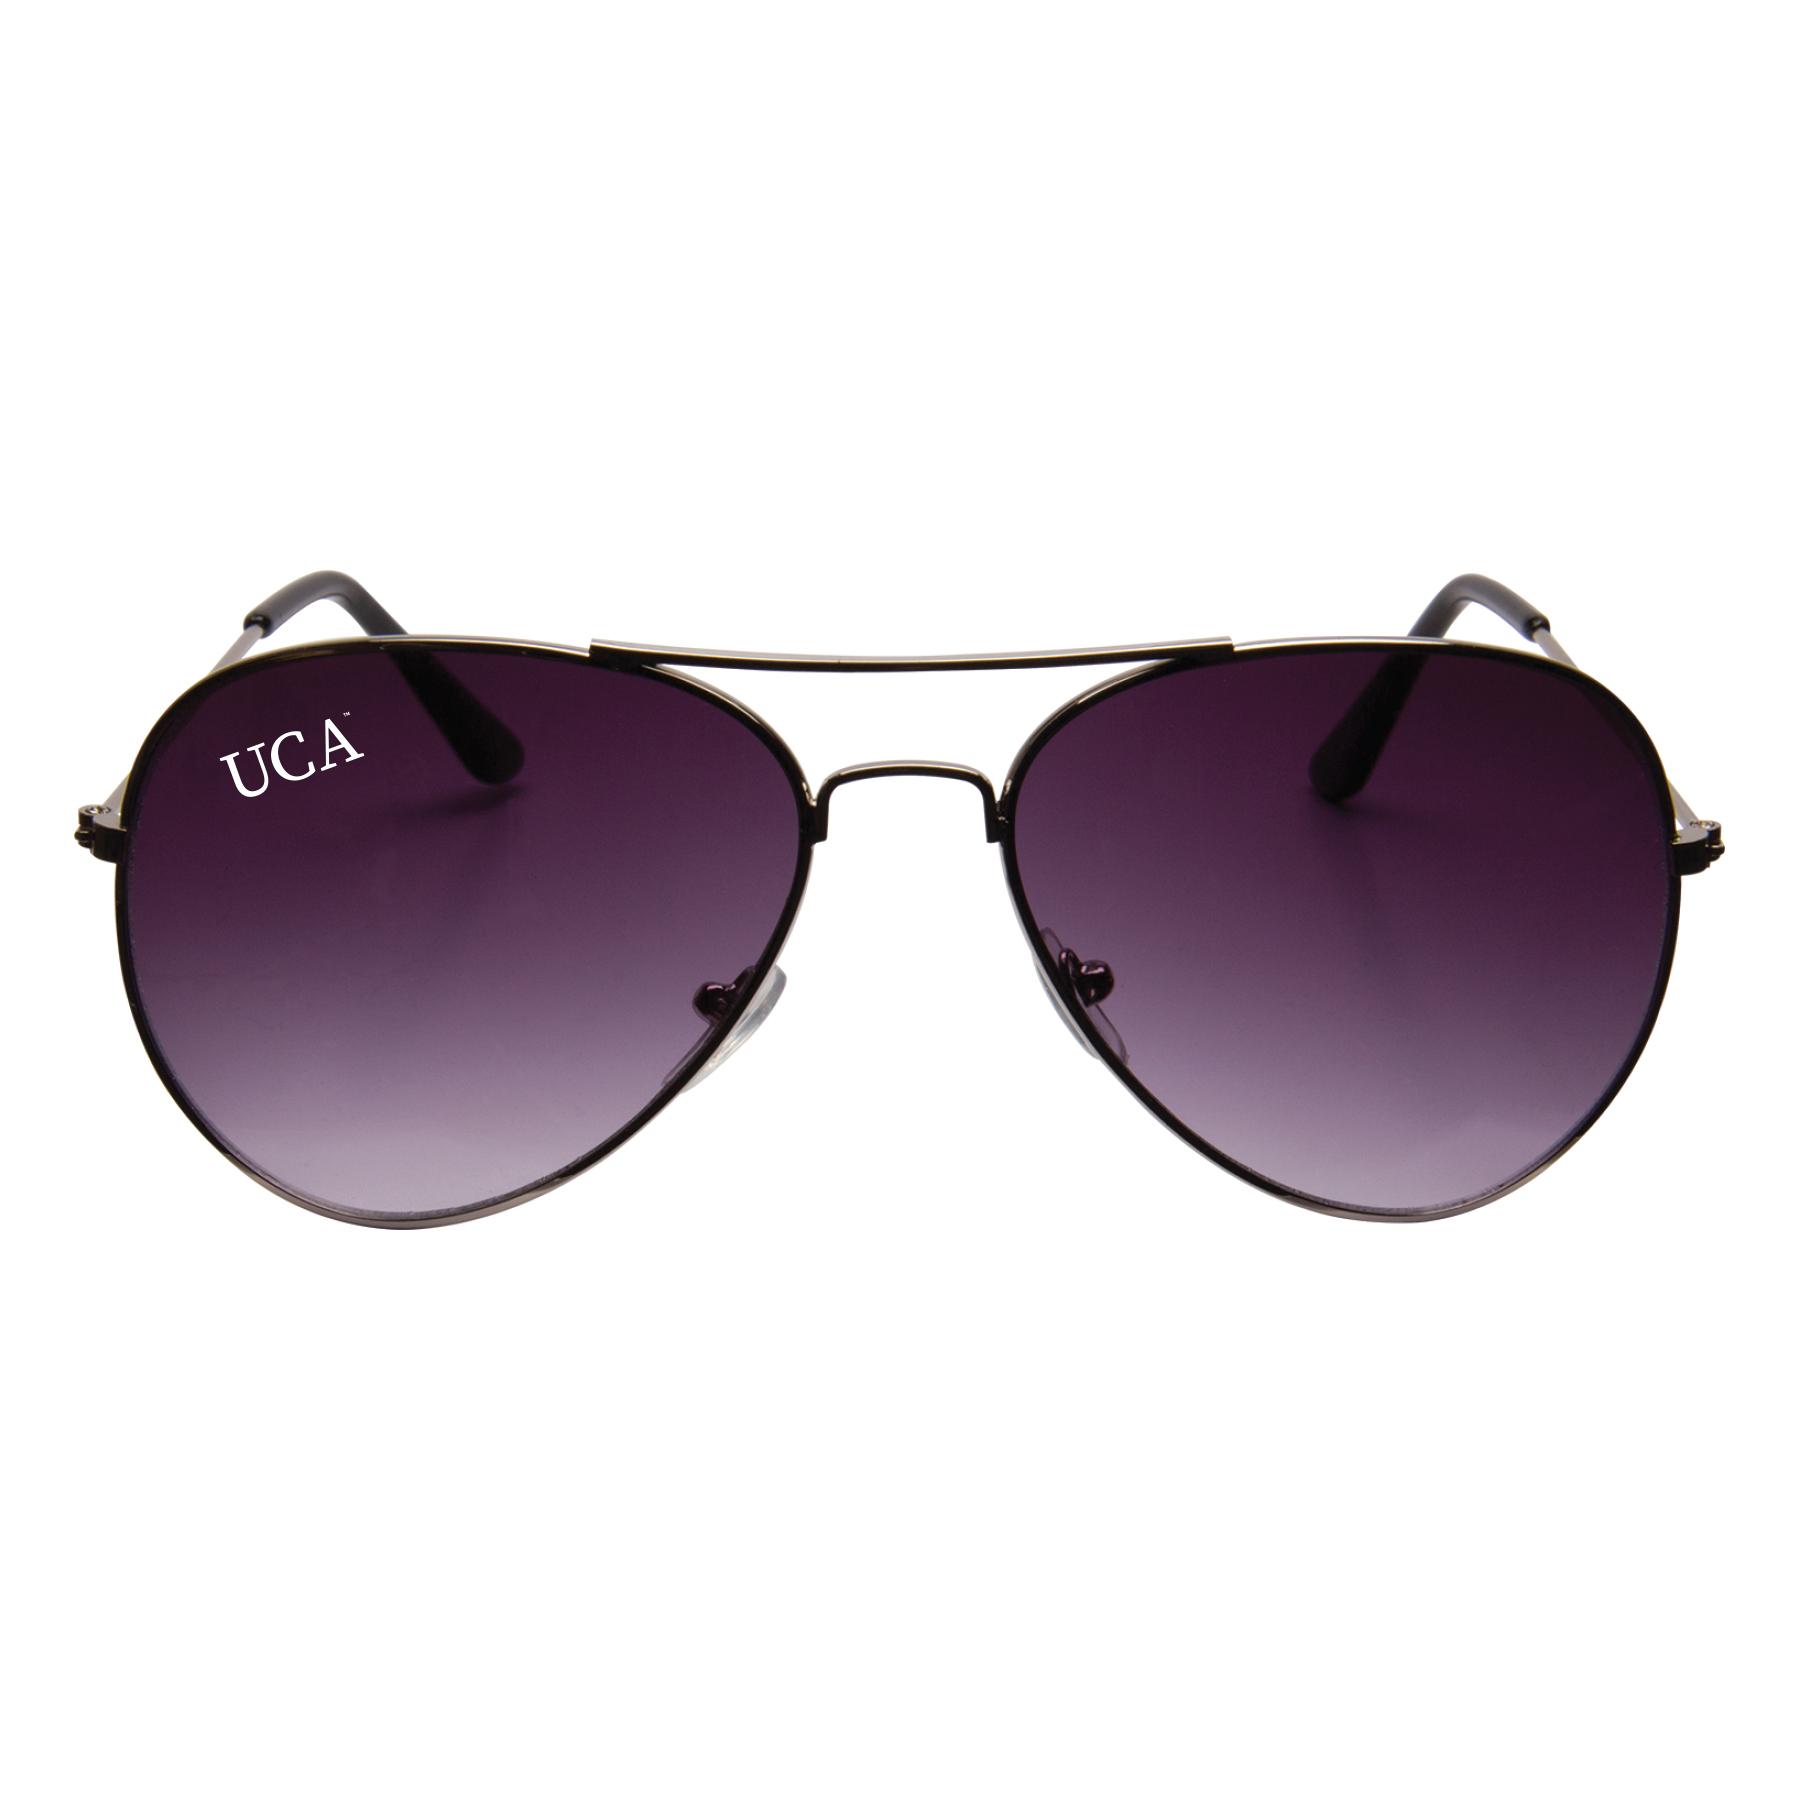 UCA Aviator Sunglasses